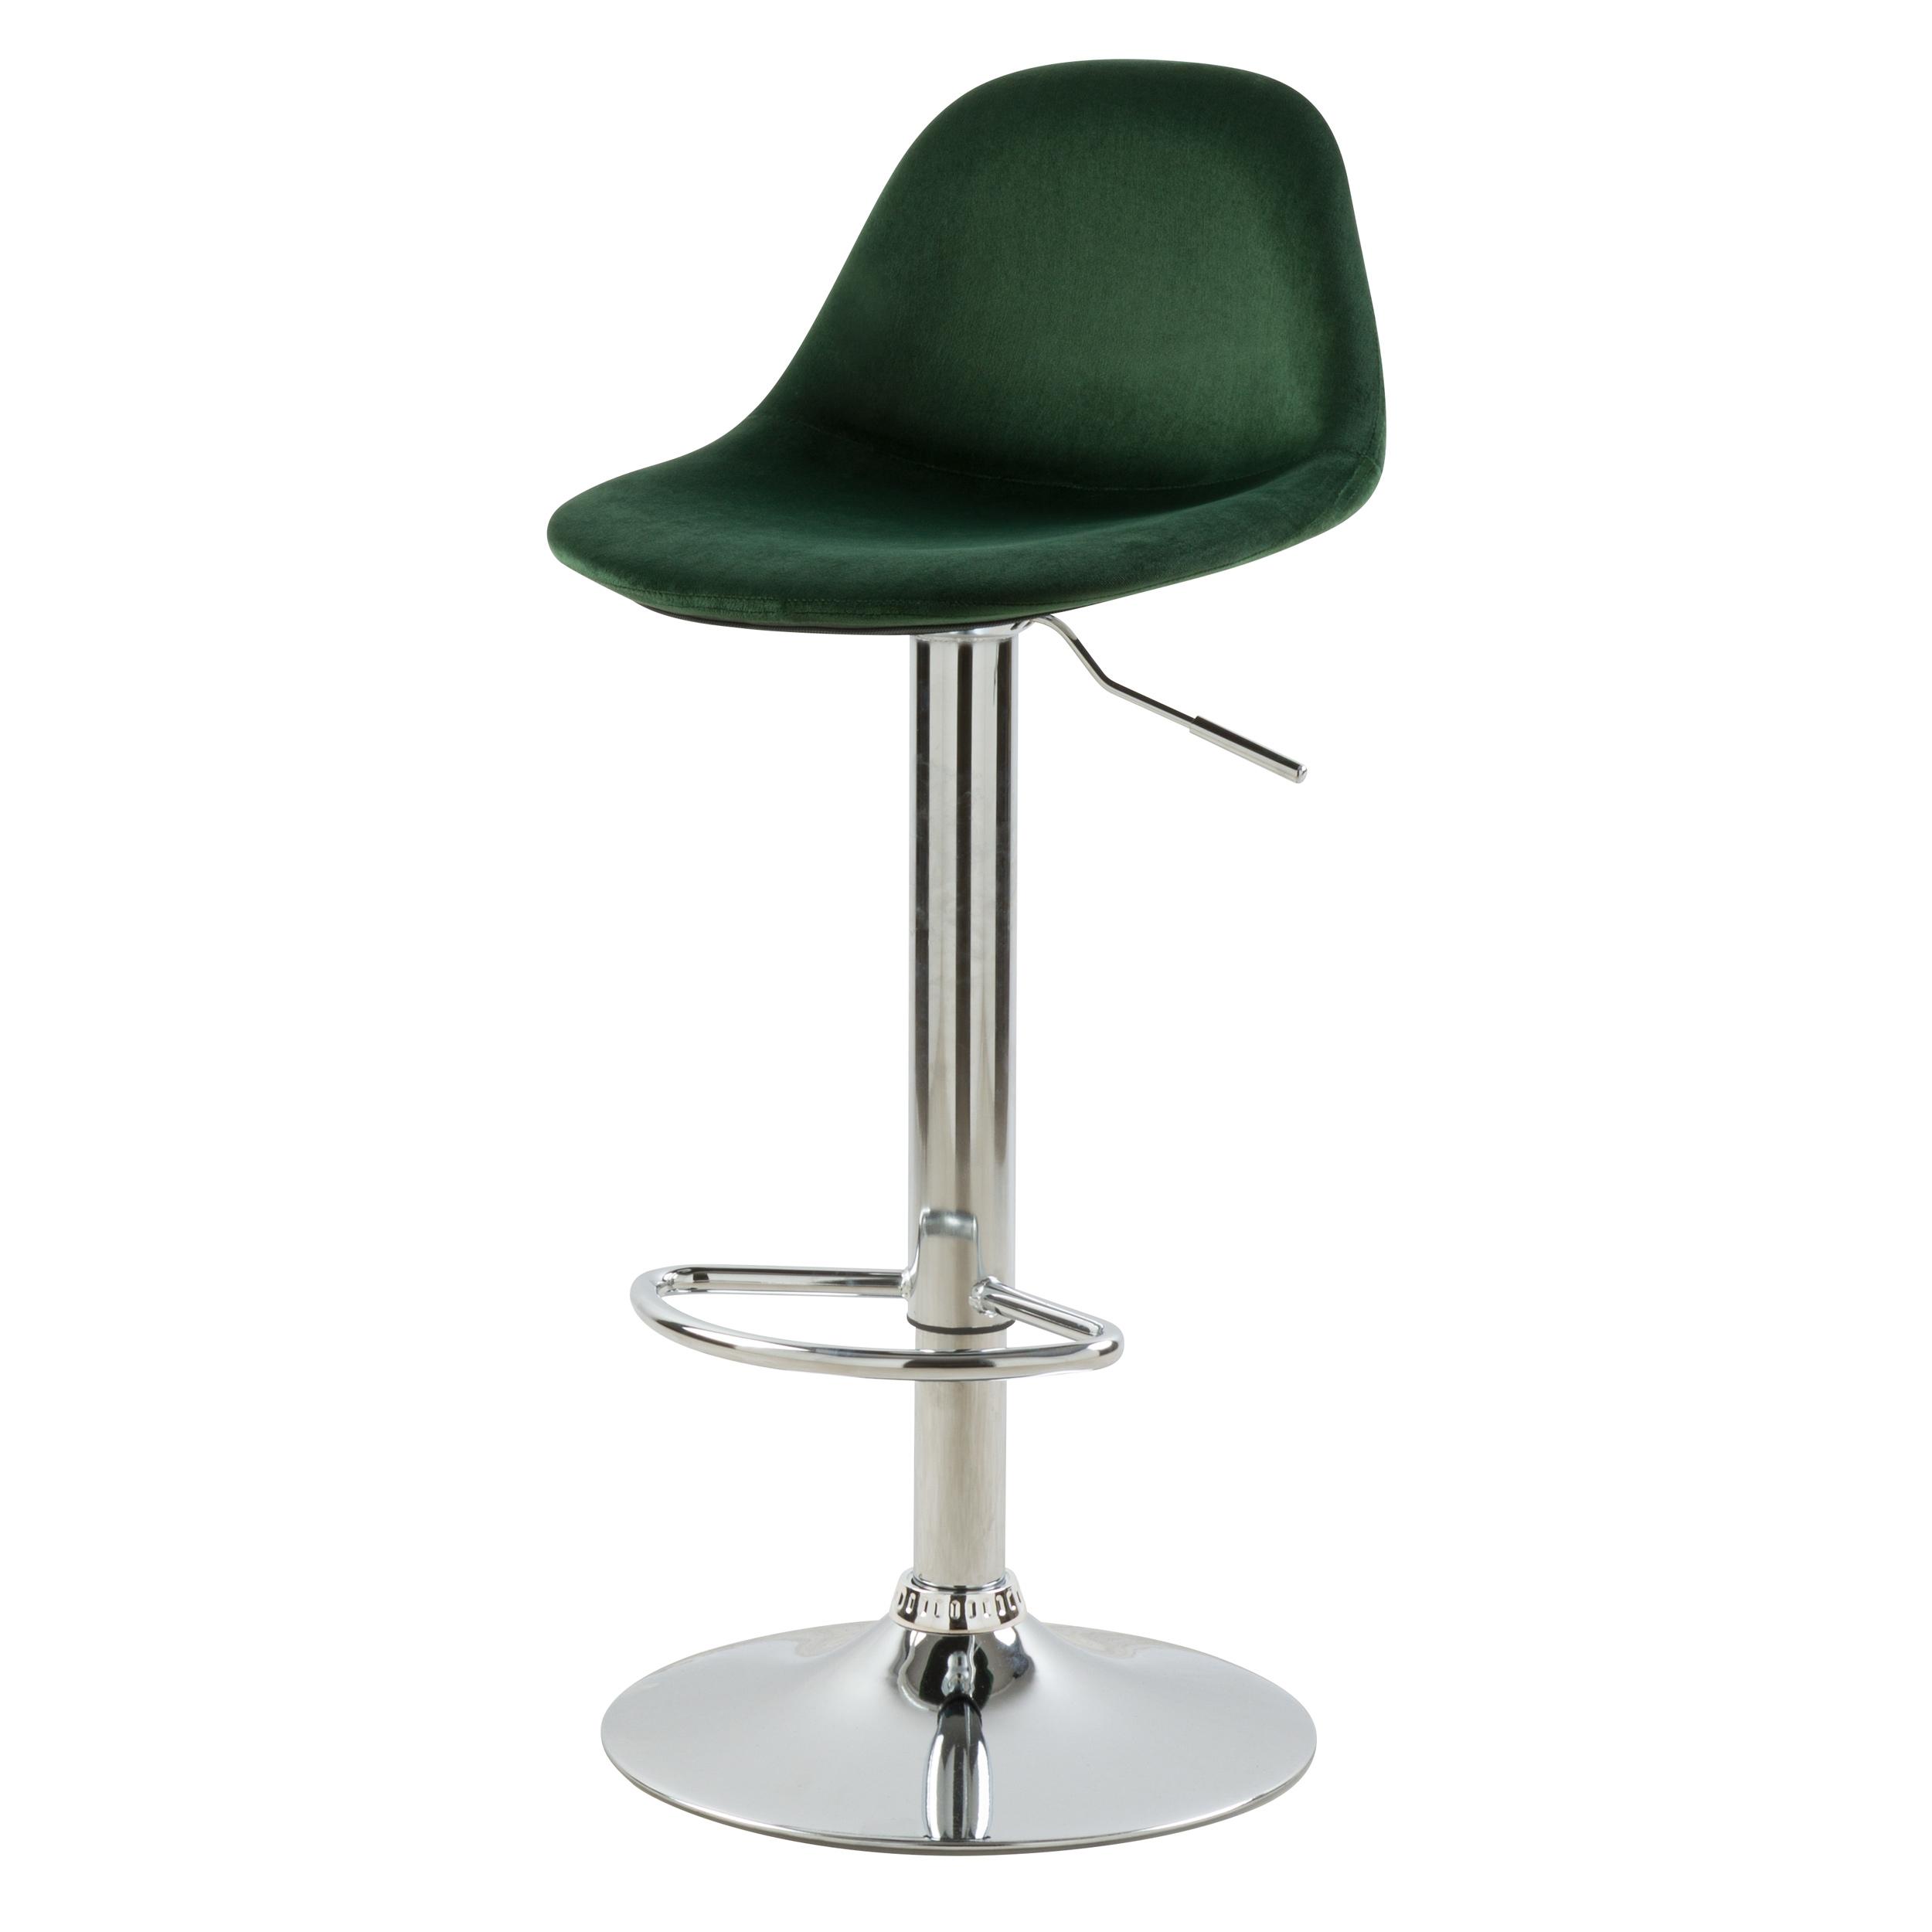 Chaise de bar réglable 60/82 cm en velours vert